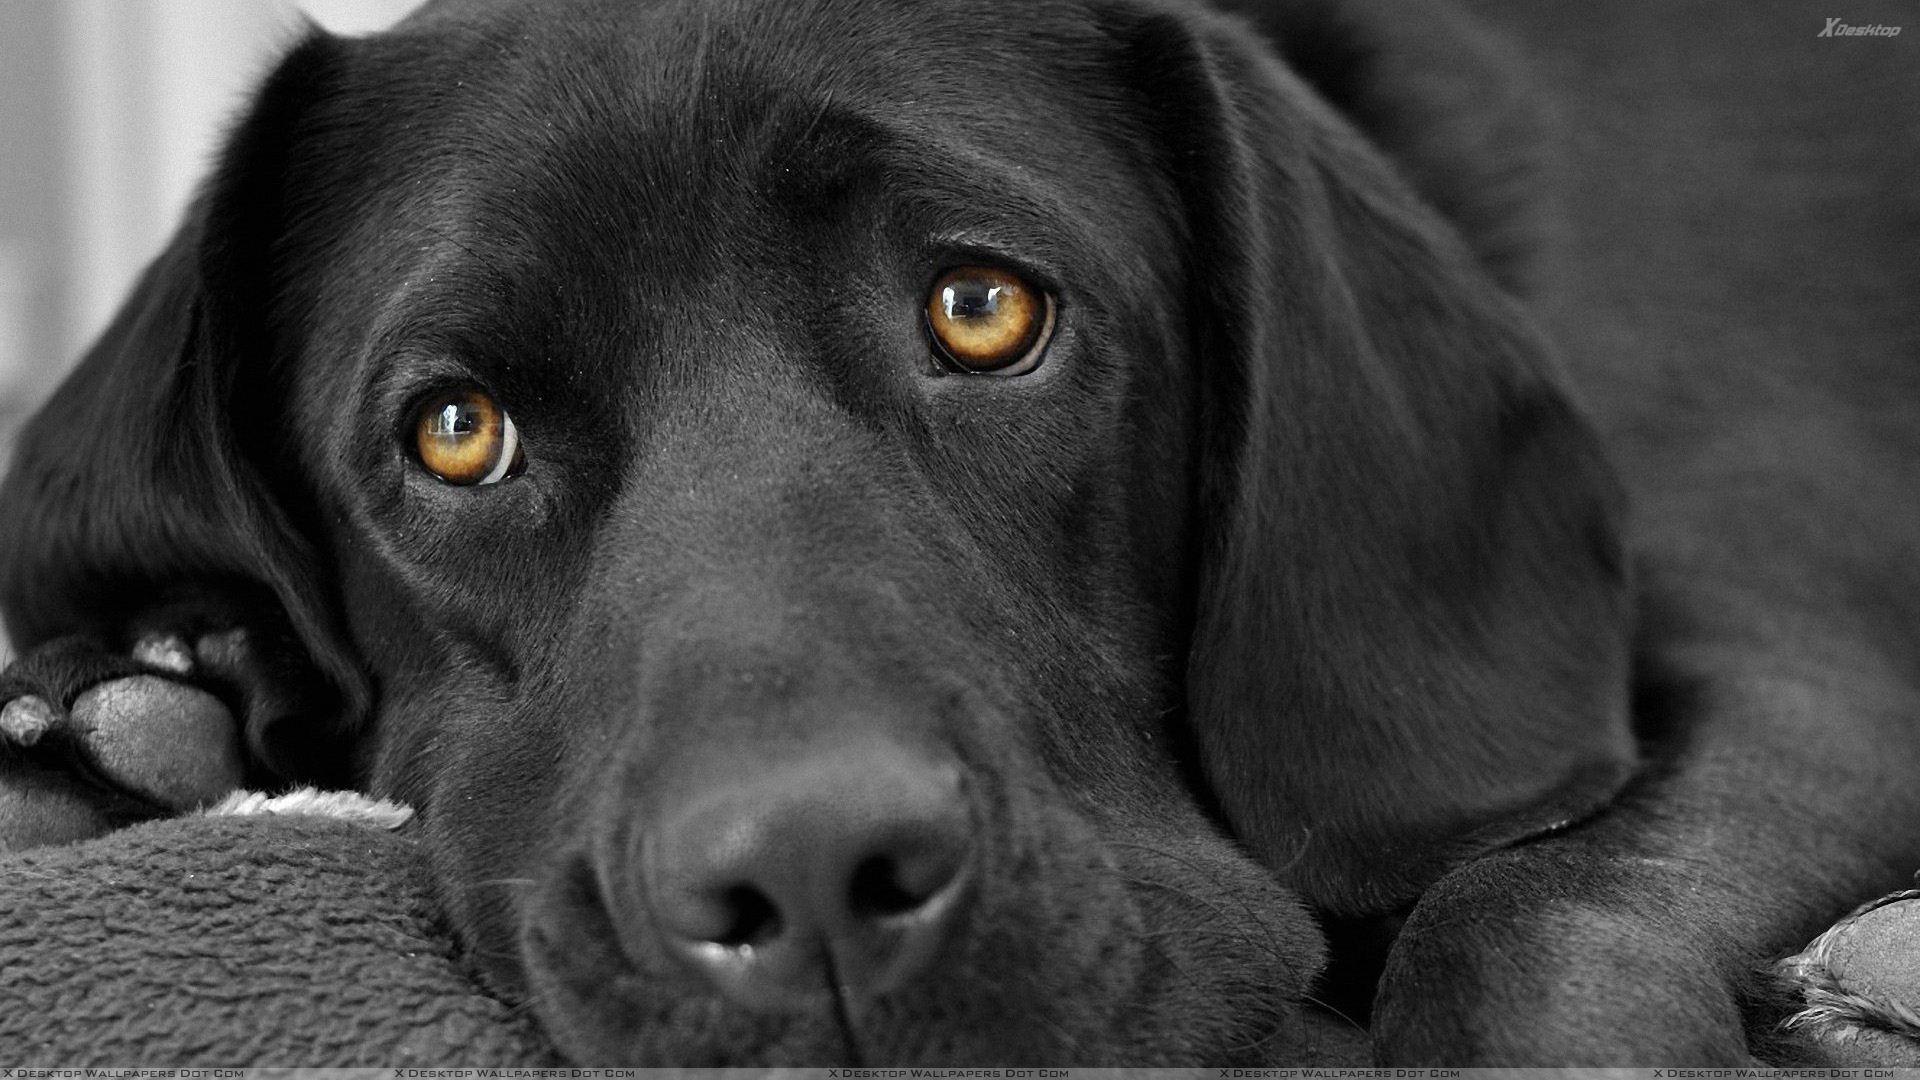 Black Labrador Face Closeup Wallpaper 1920x1080